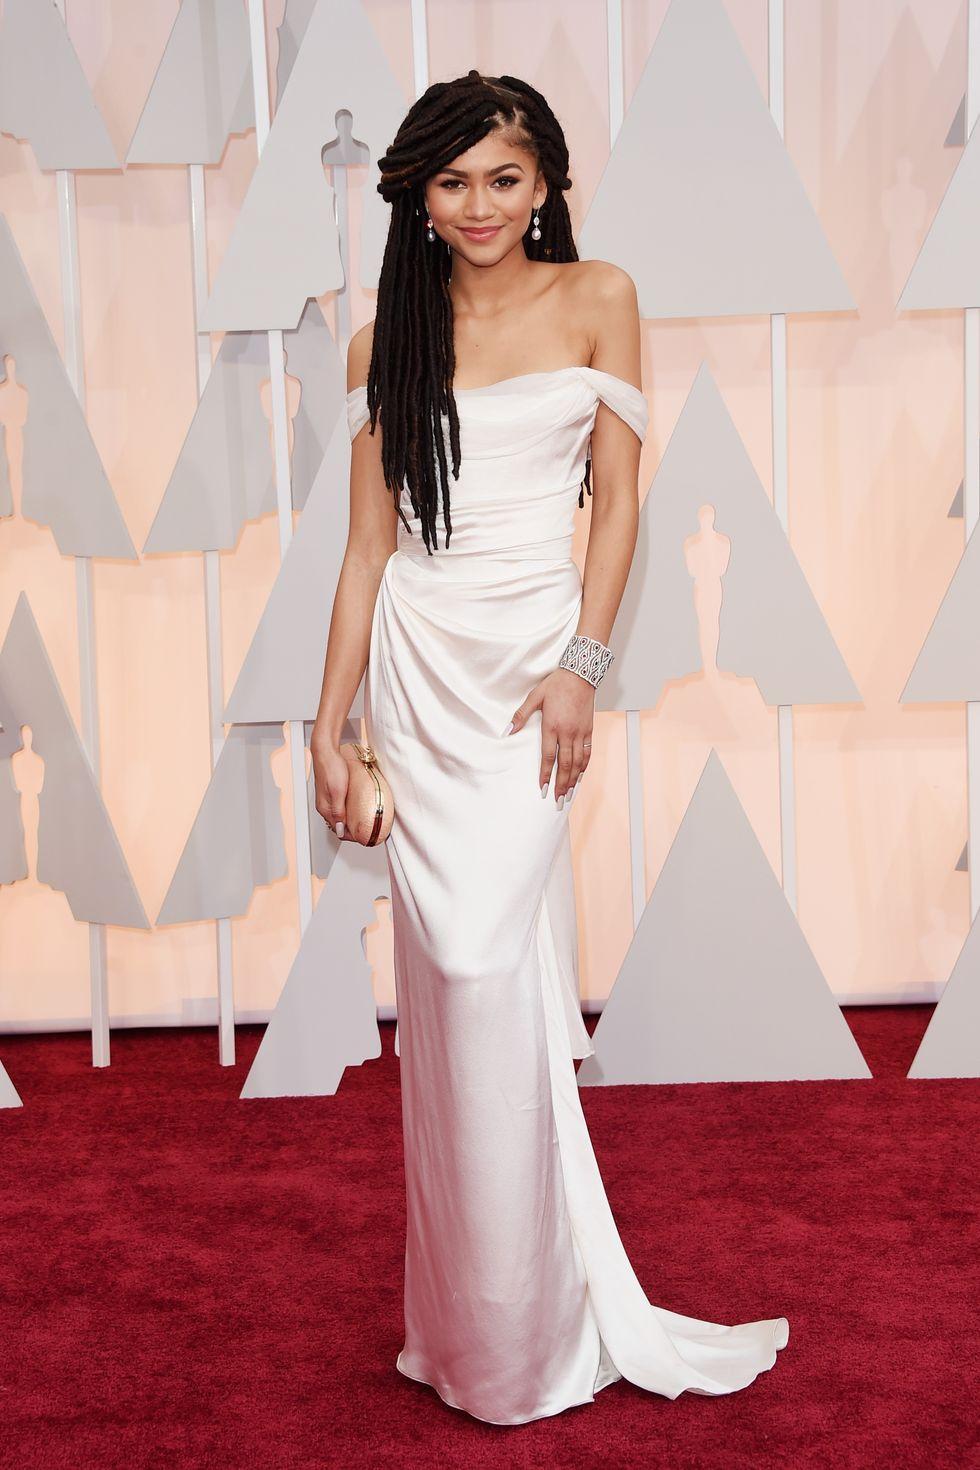 Aktorka na ściance w bialej sukni